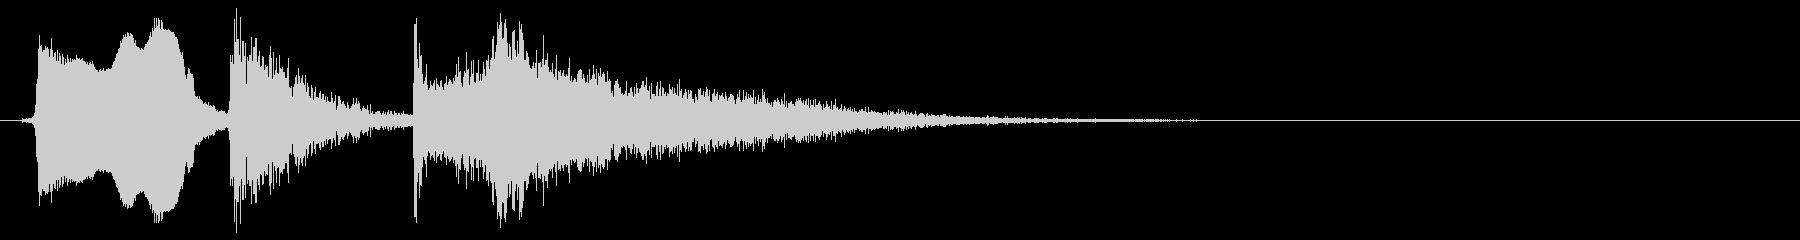 コミカルなトゥートボーイングホイッスルの未再生の波形